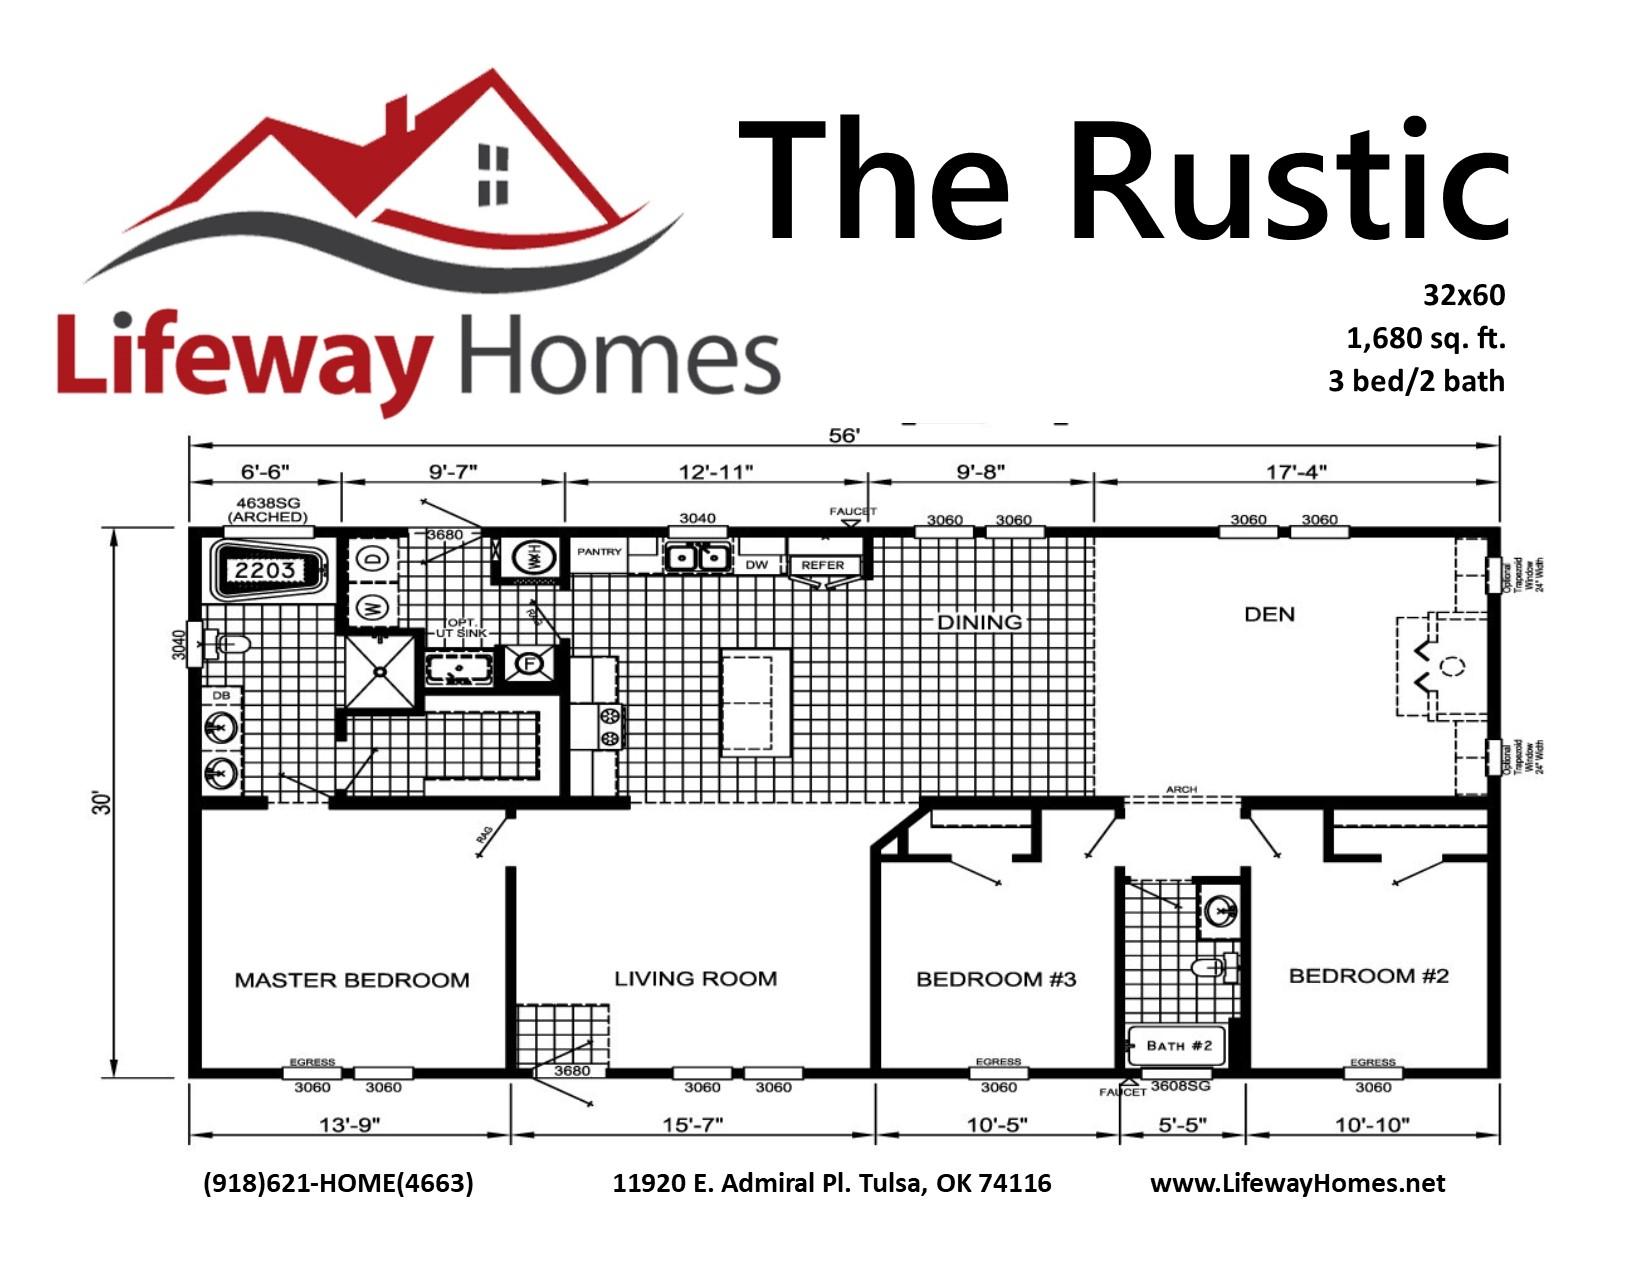 Lifeway Homes Of Tulsa